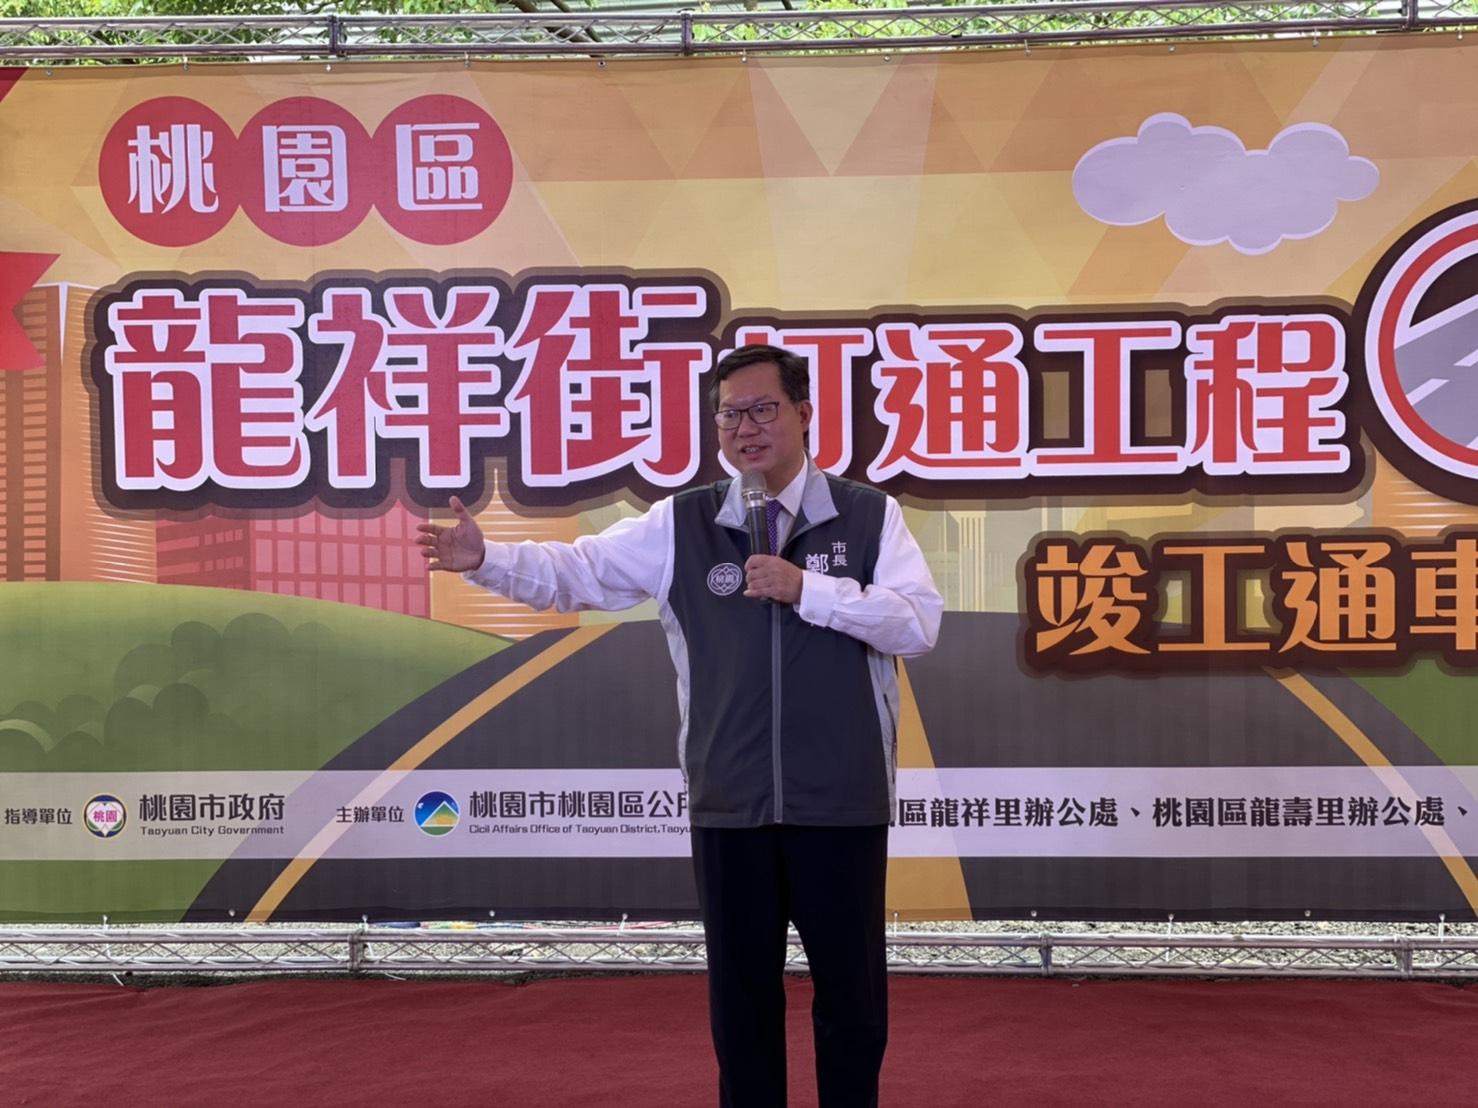 市長鄭文燦親自主持龍祥街道路拓寬工程通車典禮。